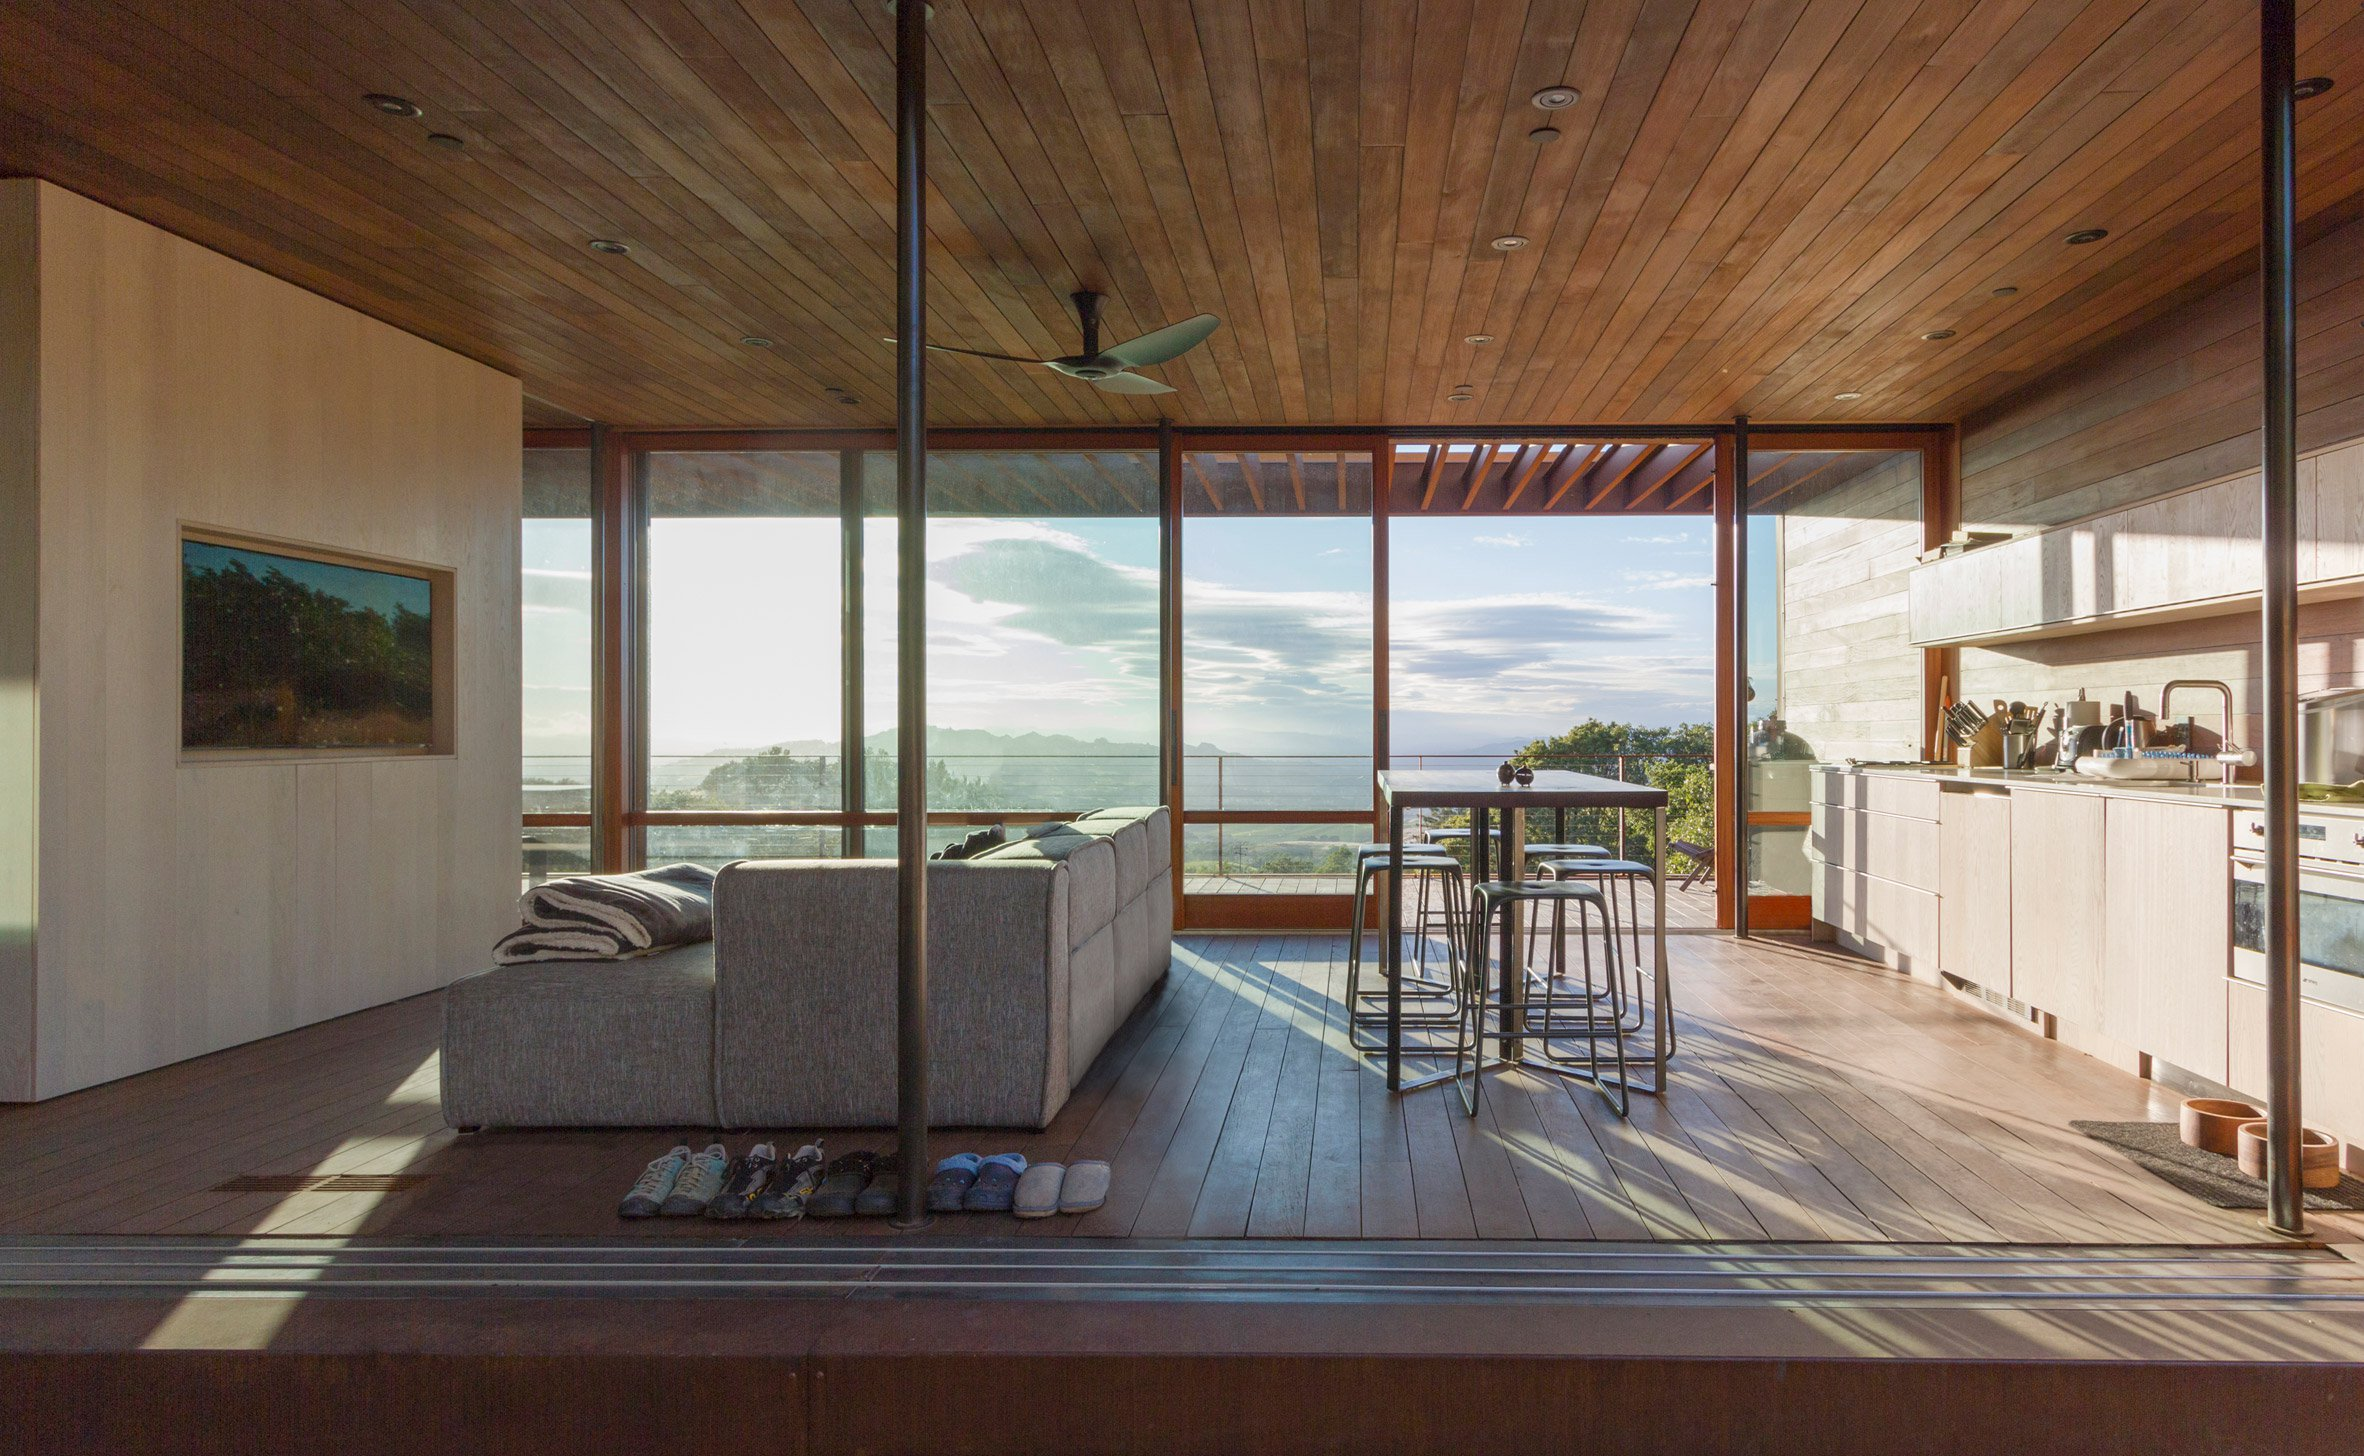 2-casa-na-california-e-feita-de-modulos-de-aco-pre-fabricados